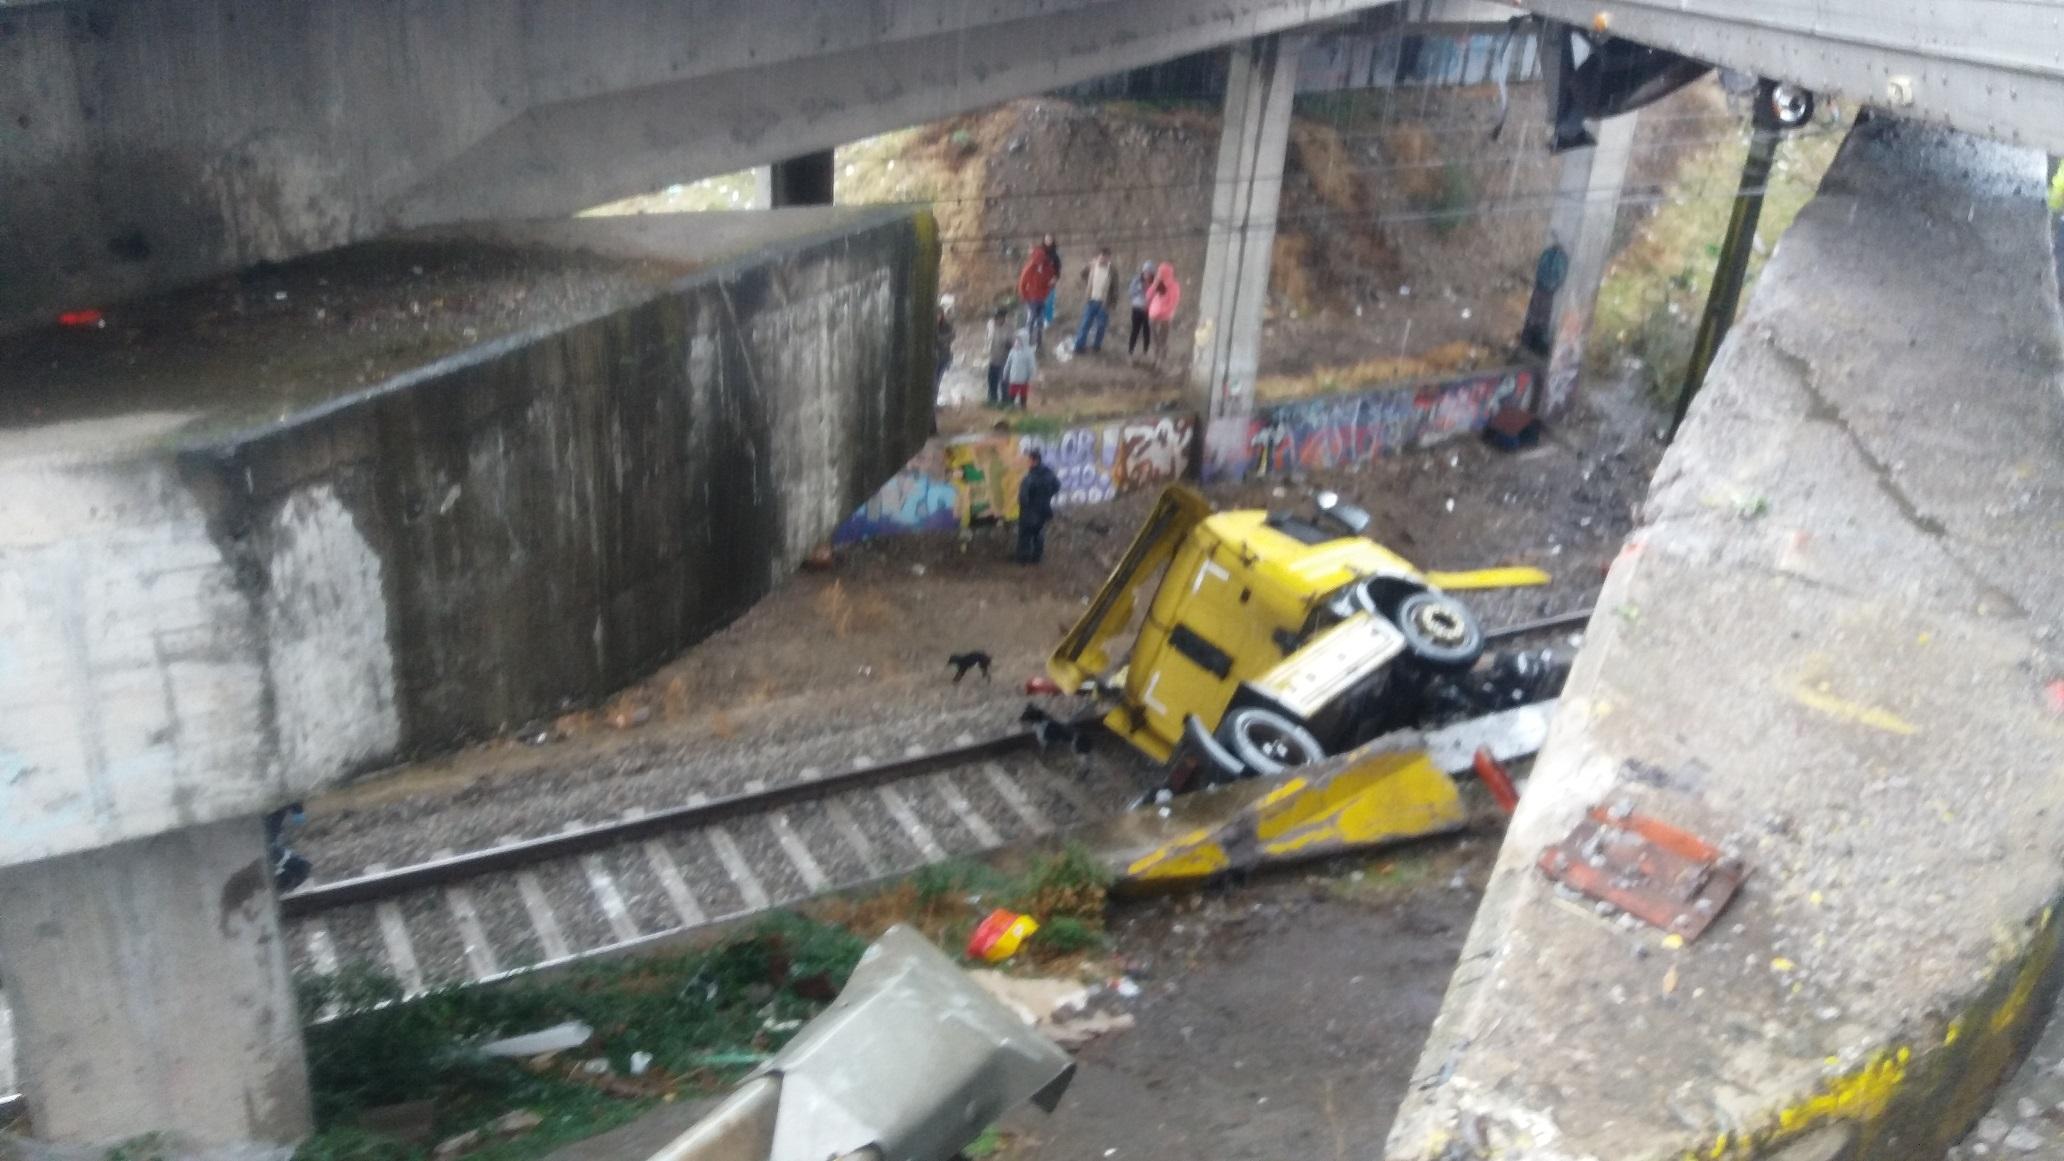 FOTOS: Conductor salva con vida, tras caer de 7 metros al vacío en la misma carrocería del camión que guiaba en ruta cinco frente a Talca